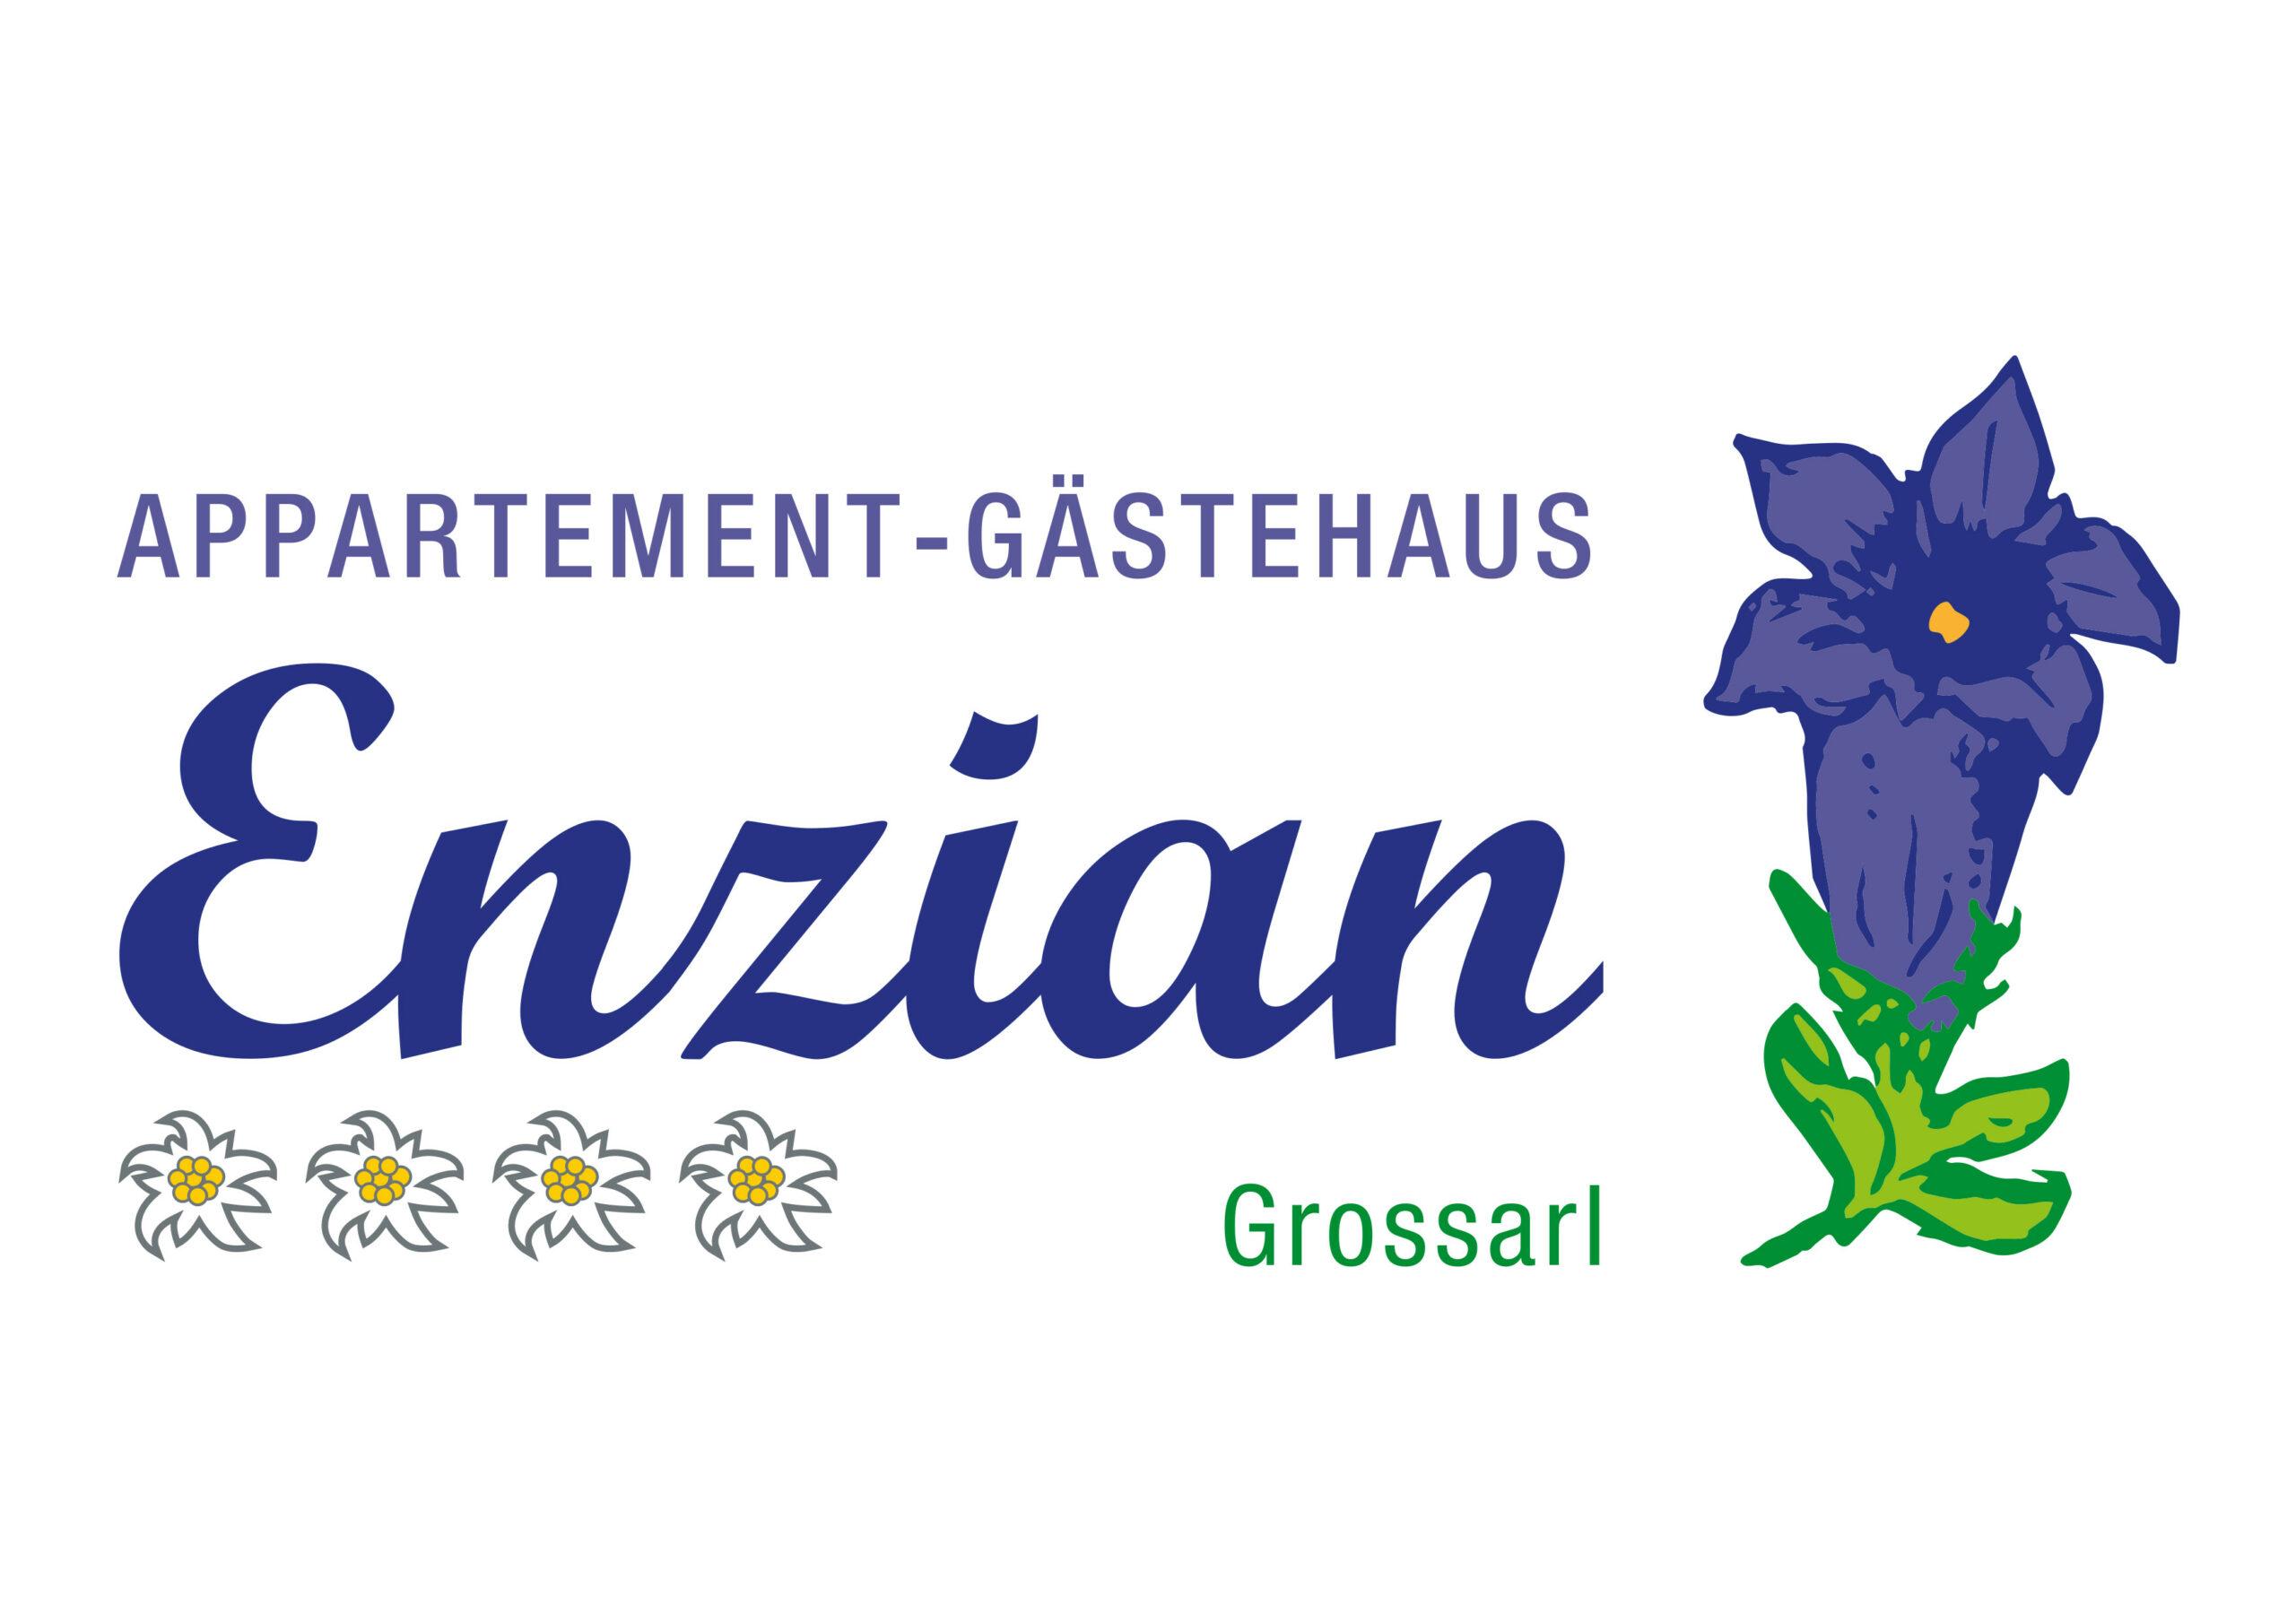 Appartement Gästehaus Enzian